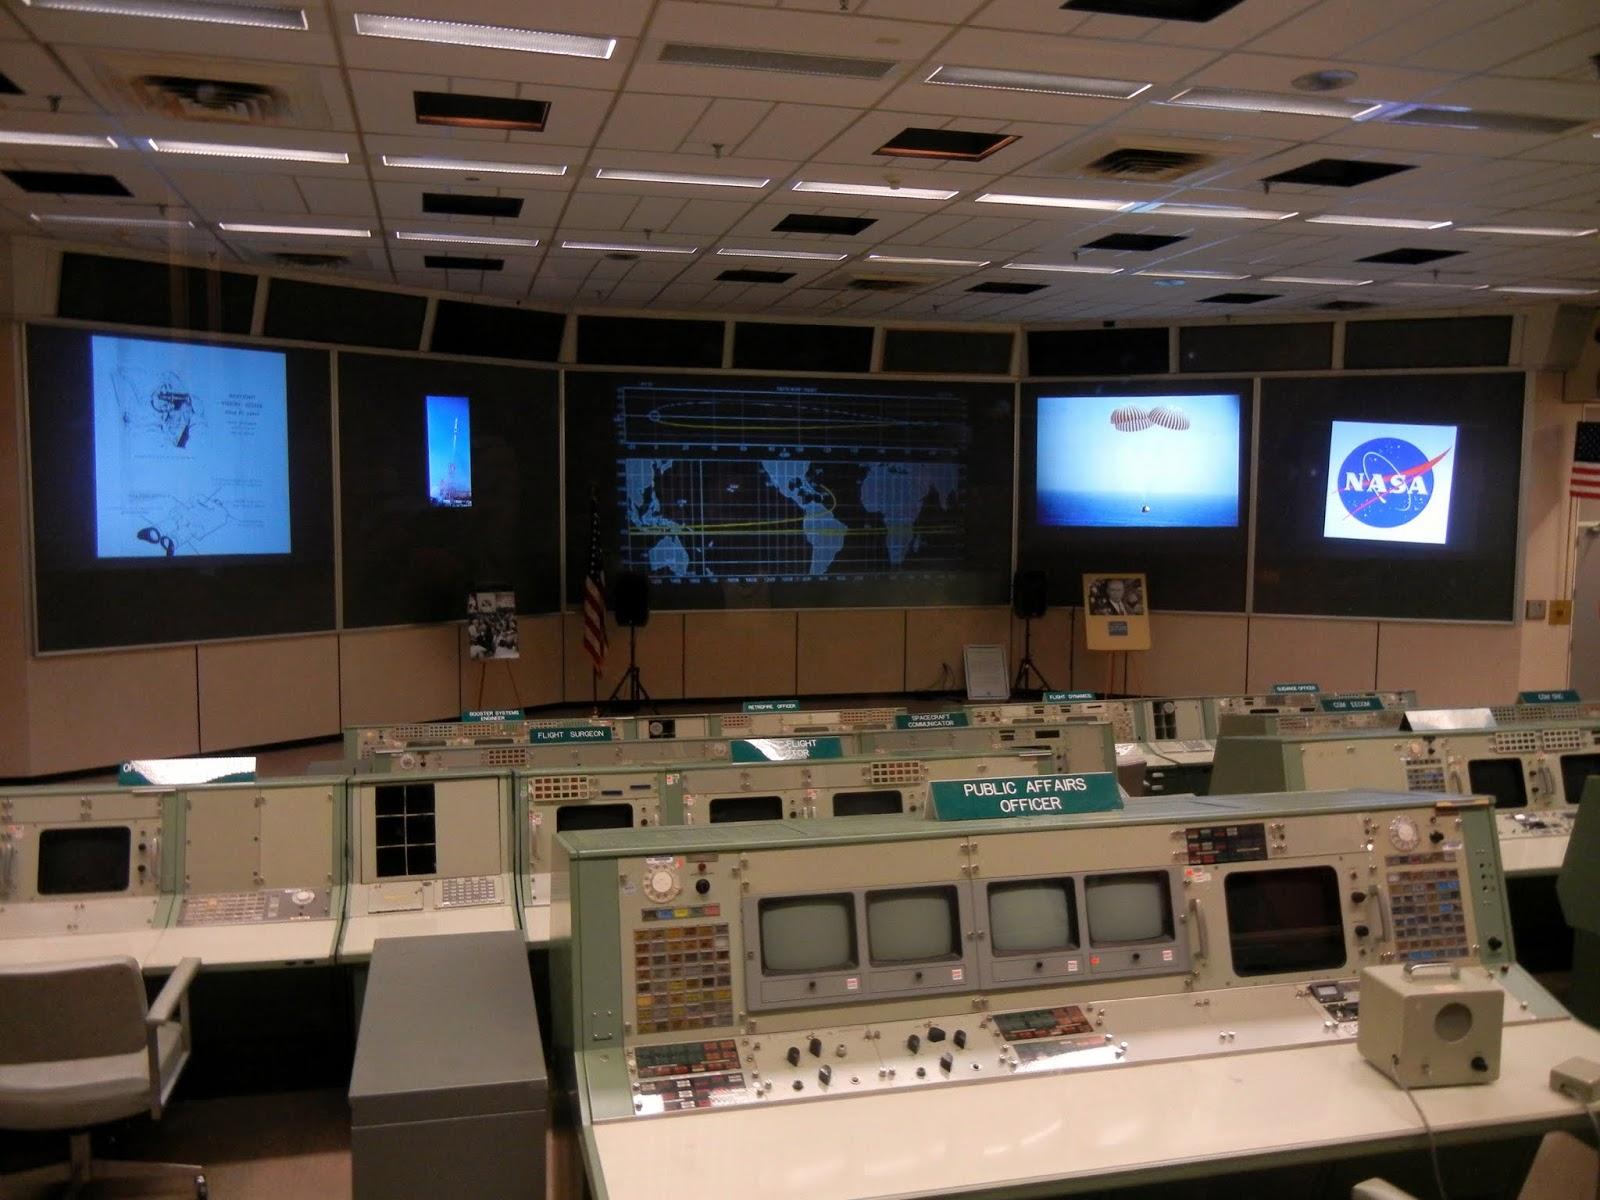 nasa space center